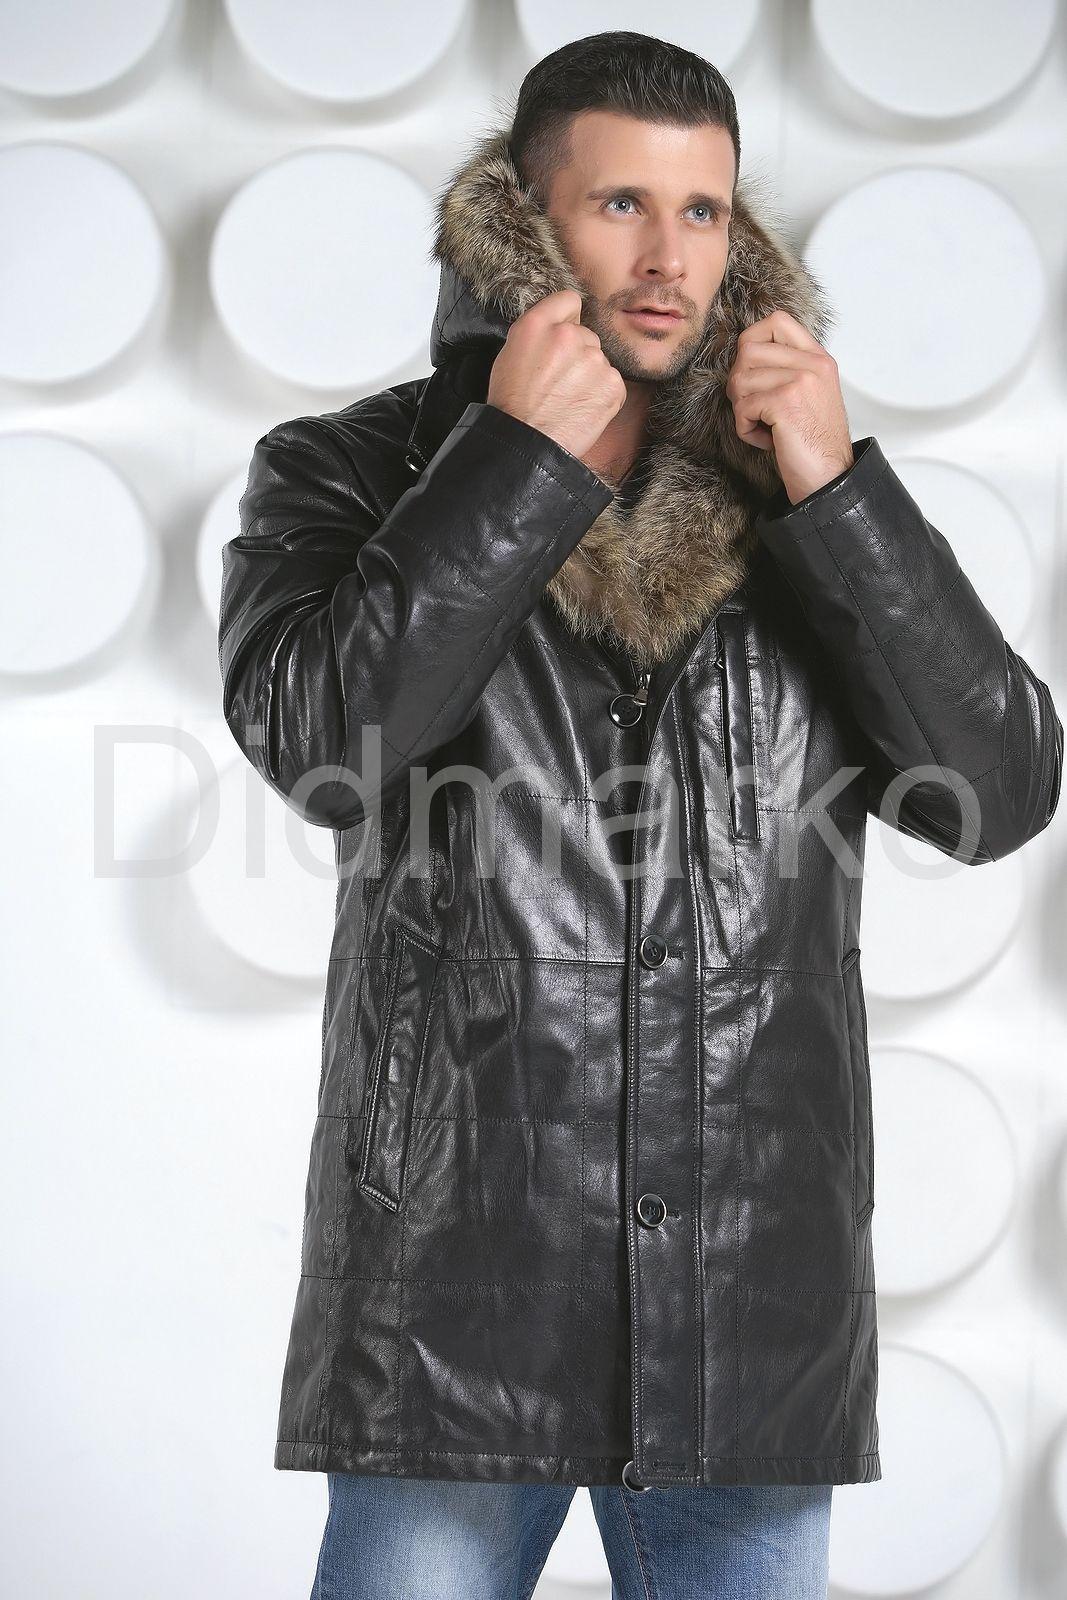 62de7ea05b5bd Мужская зимняя кожаная куртка купить по цене 33000.00, артикул DM132